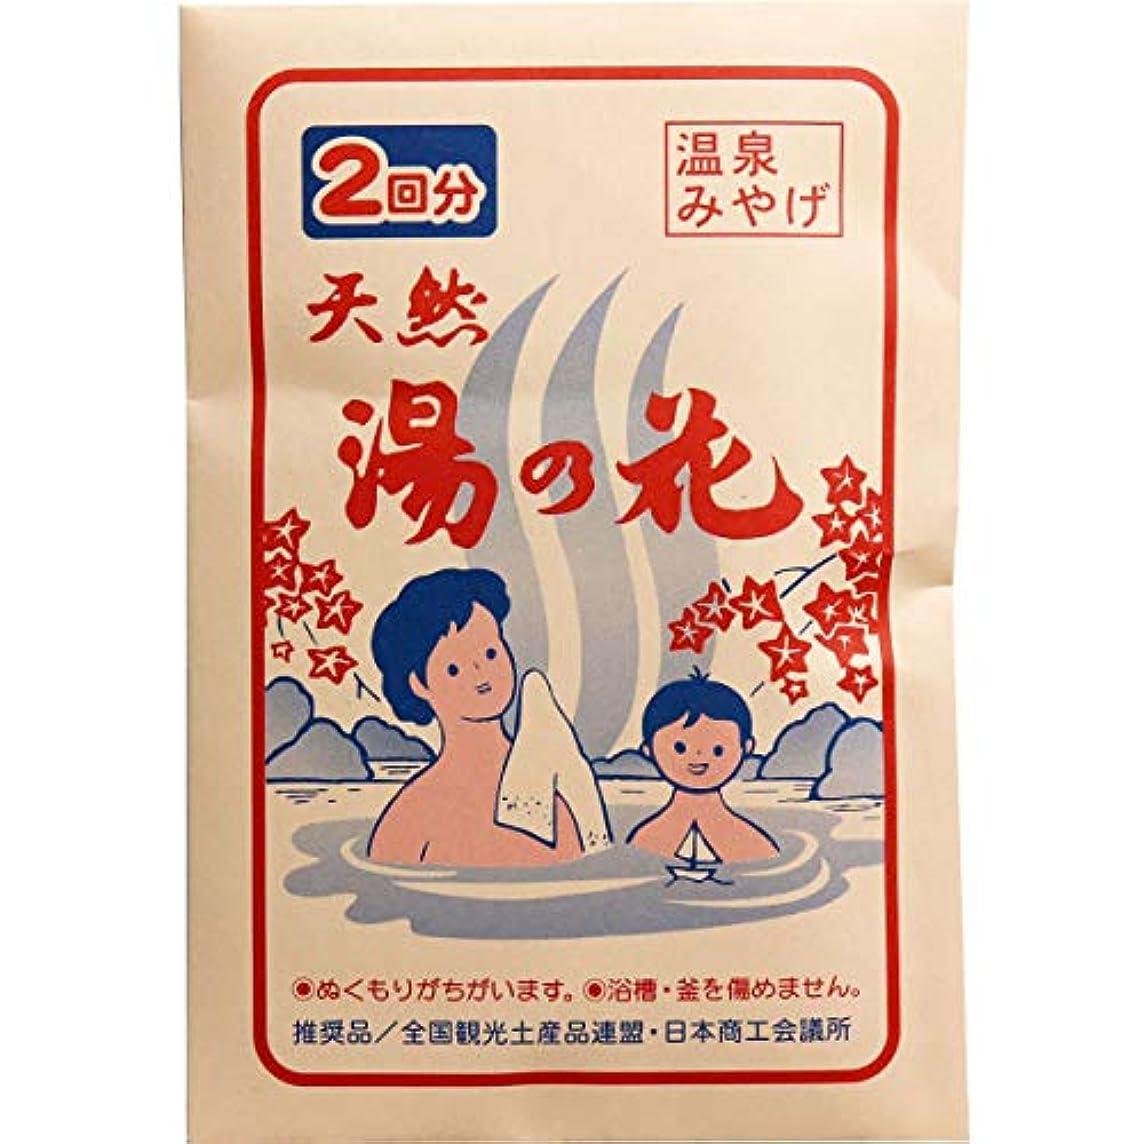 吸収剤舞い上がる逃げる天然湯の花 小袋分包2回分 KA-2 15g×2包入